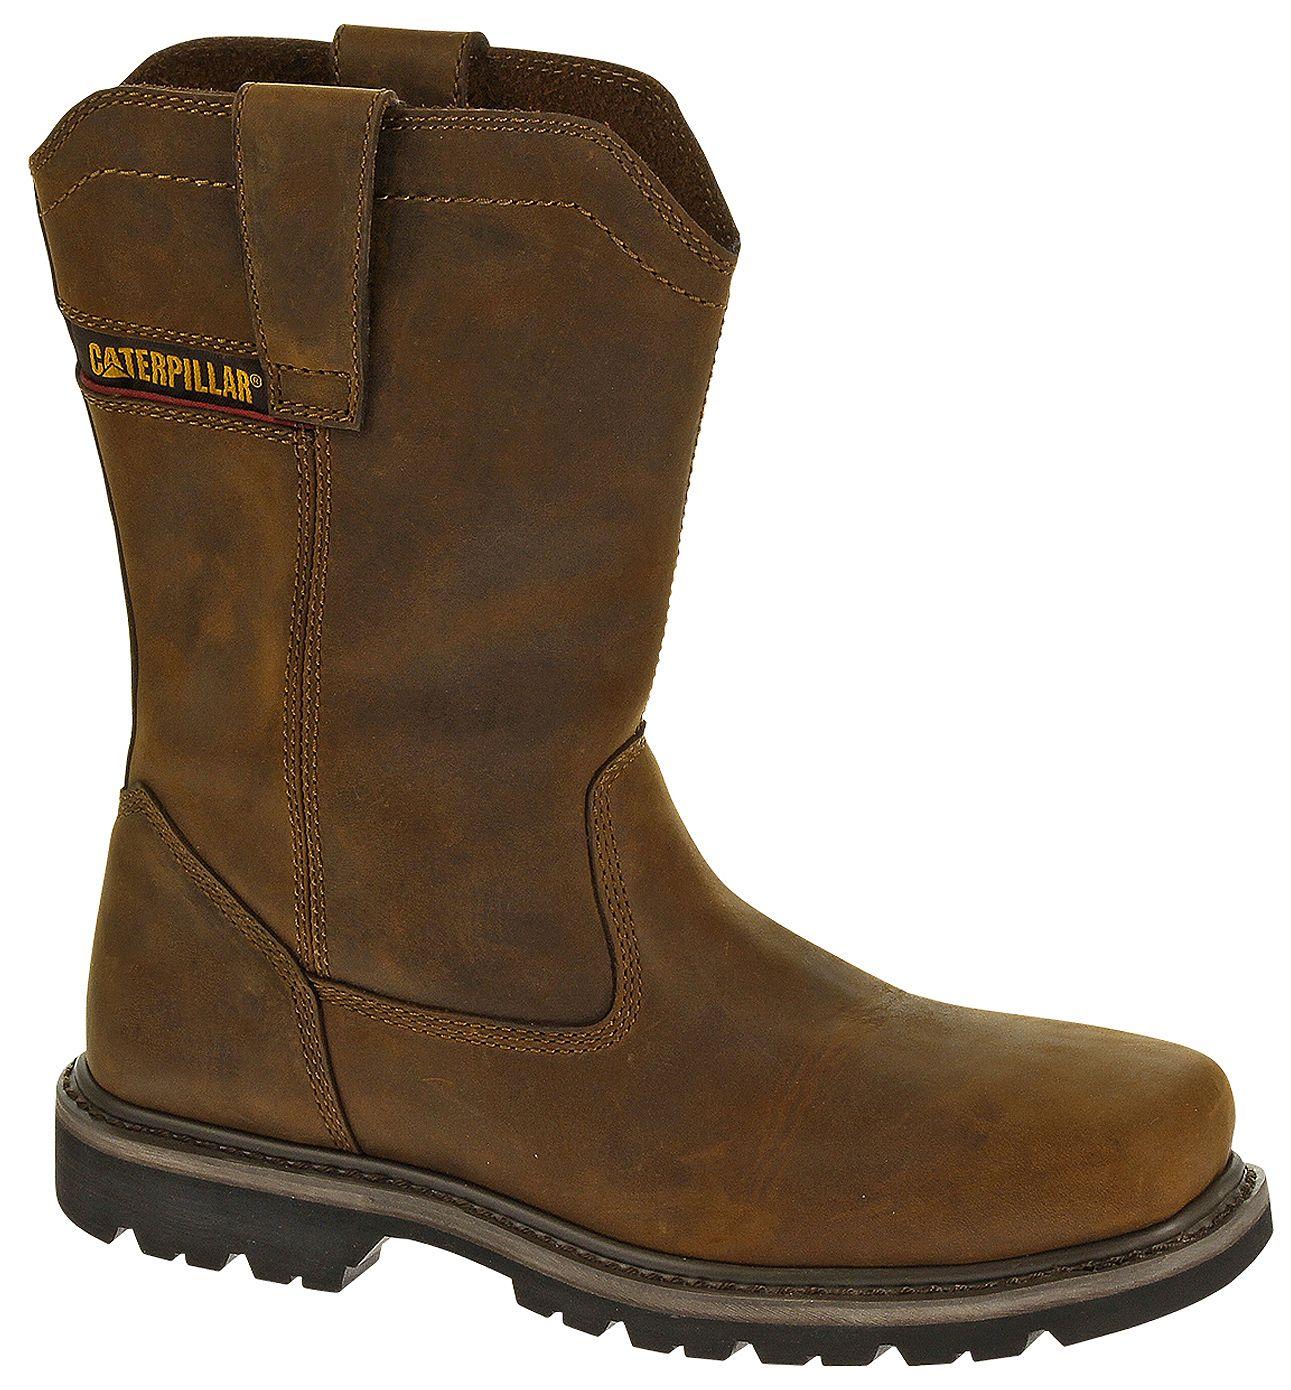 Caterpillar Wellston Pull-On Work Boots